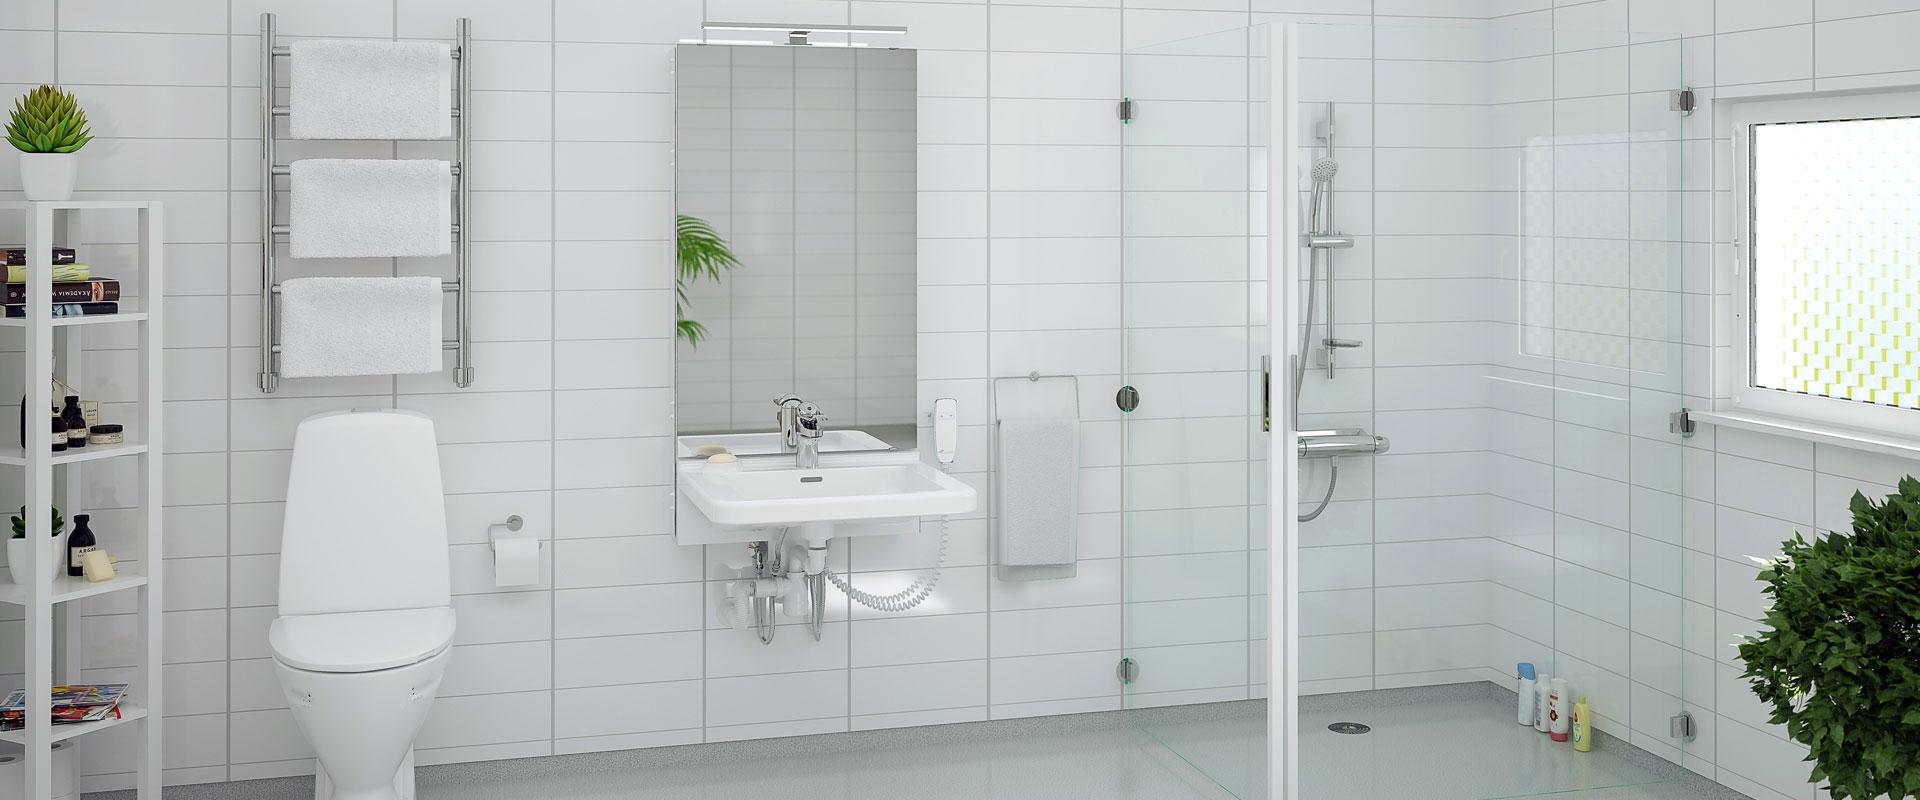 Tvättställ till privata hem/bostadsanpassning